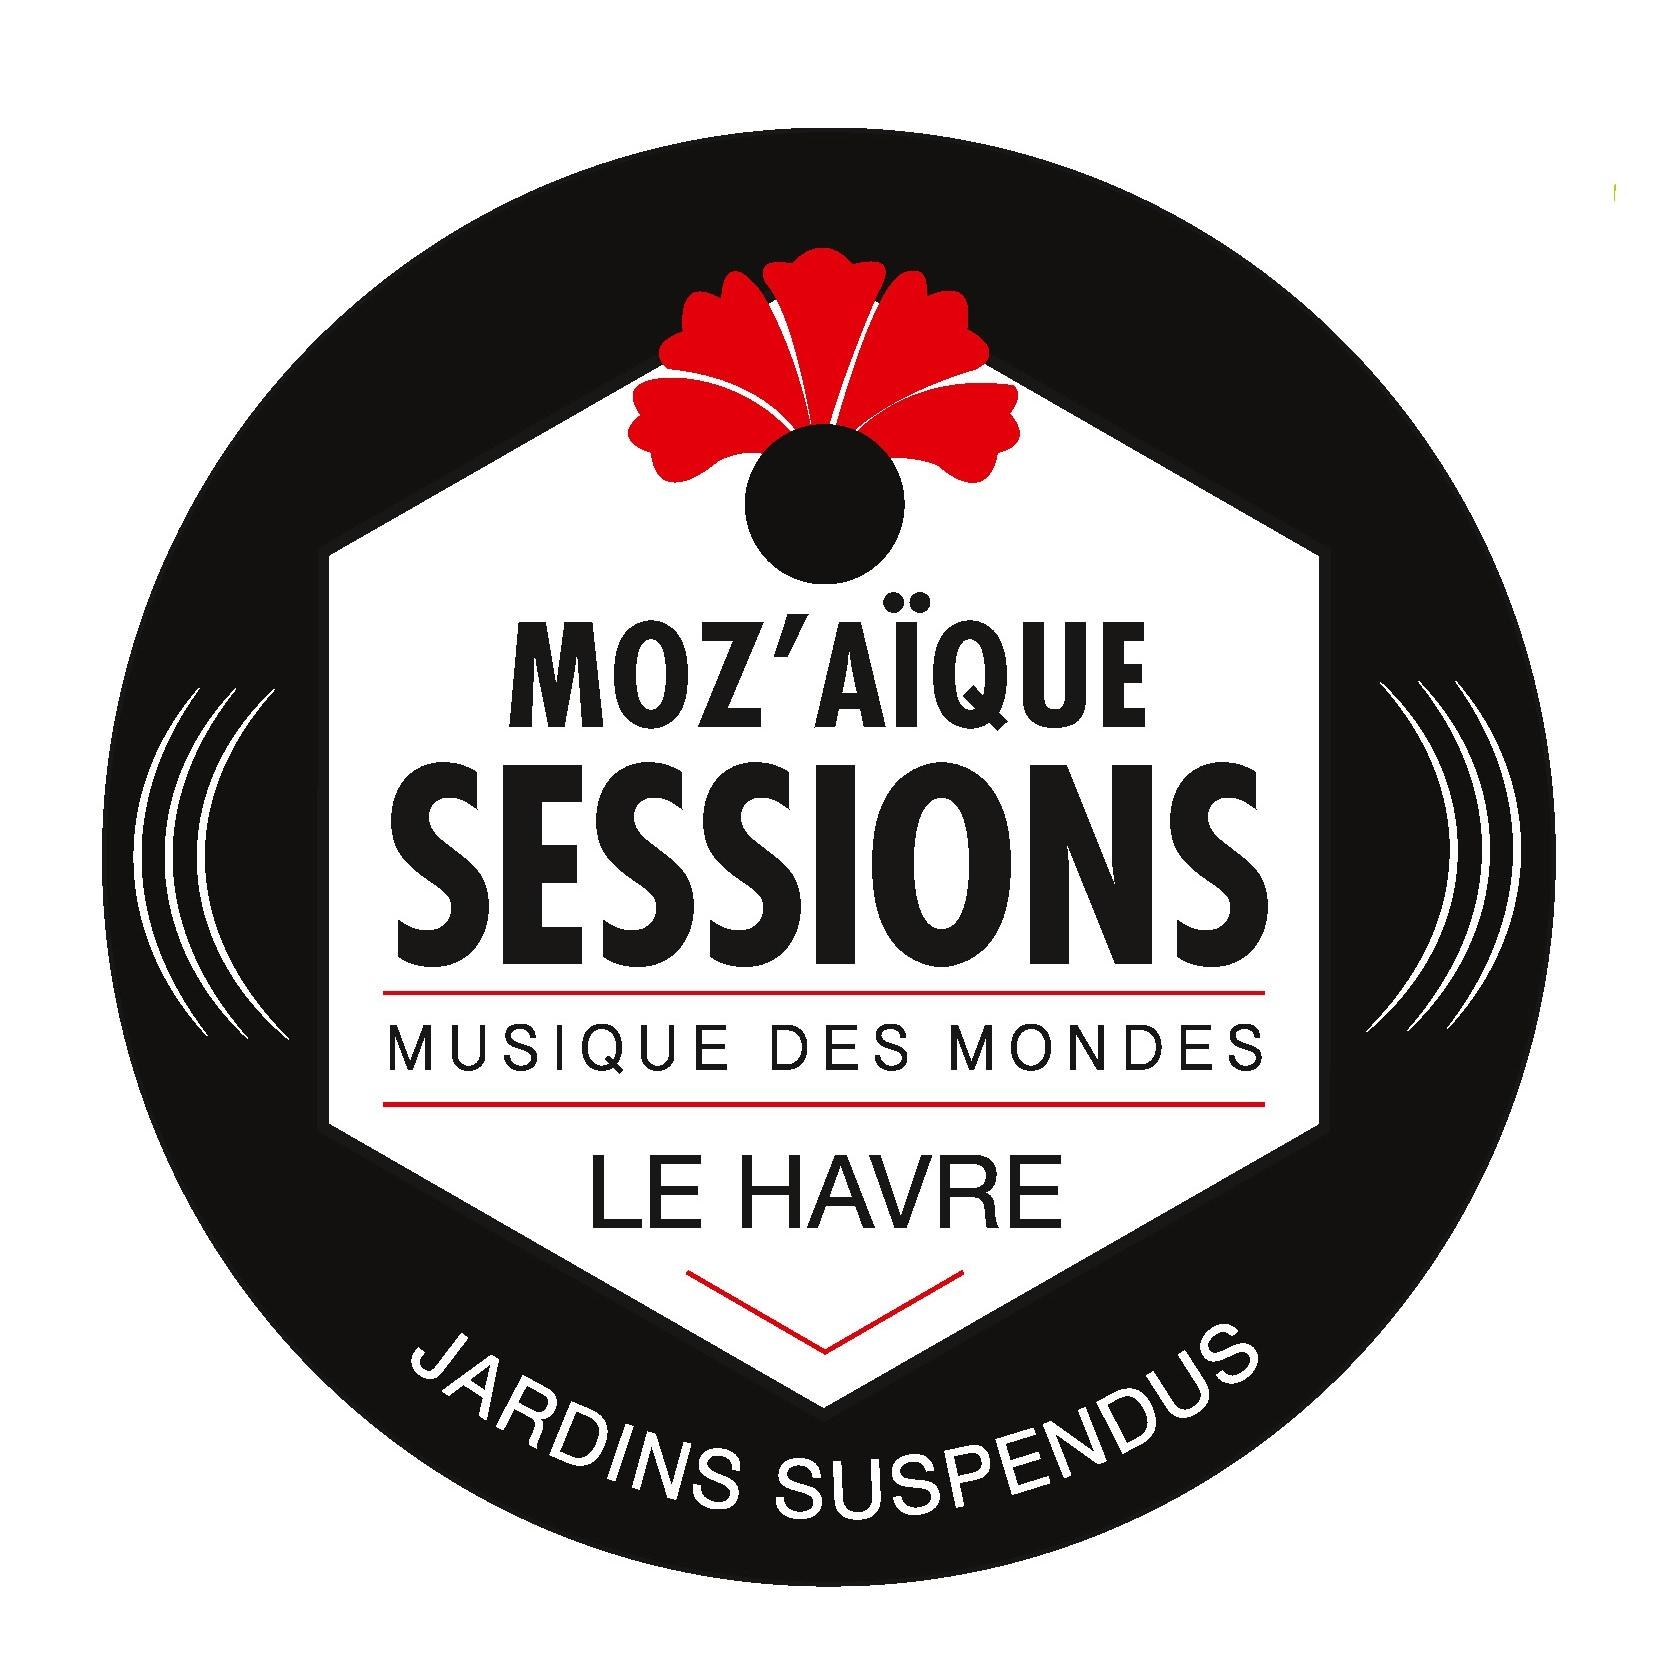 MoZ'aïque Sessions : Musique des mondes au Havre